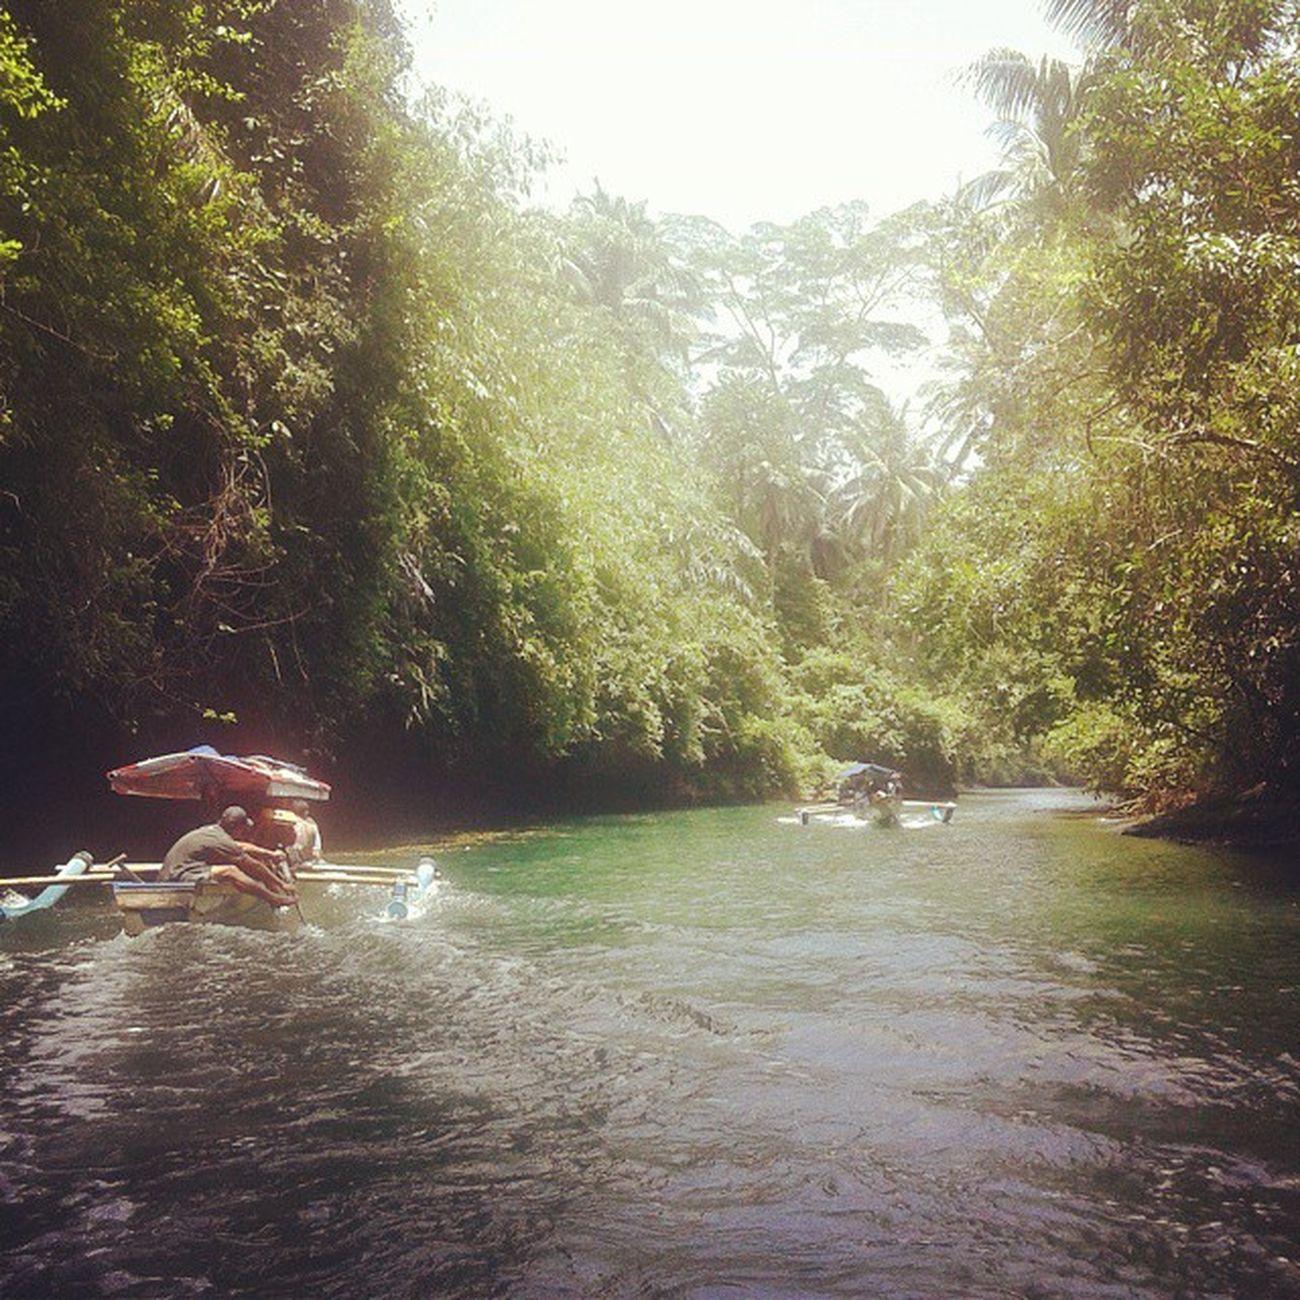 Susur sungai Cukang Taneuh. Grandcanyon Cukangtaneuh Pangandaran Sungai river wisataalam